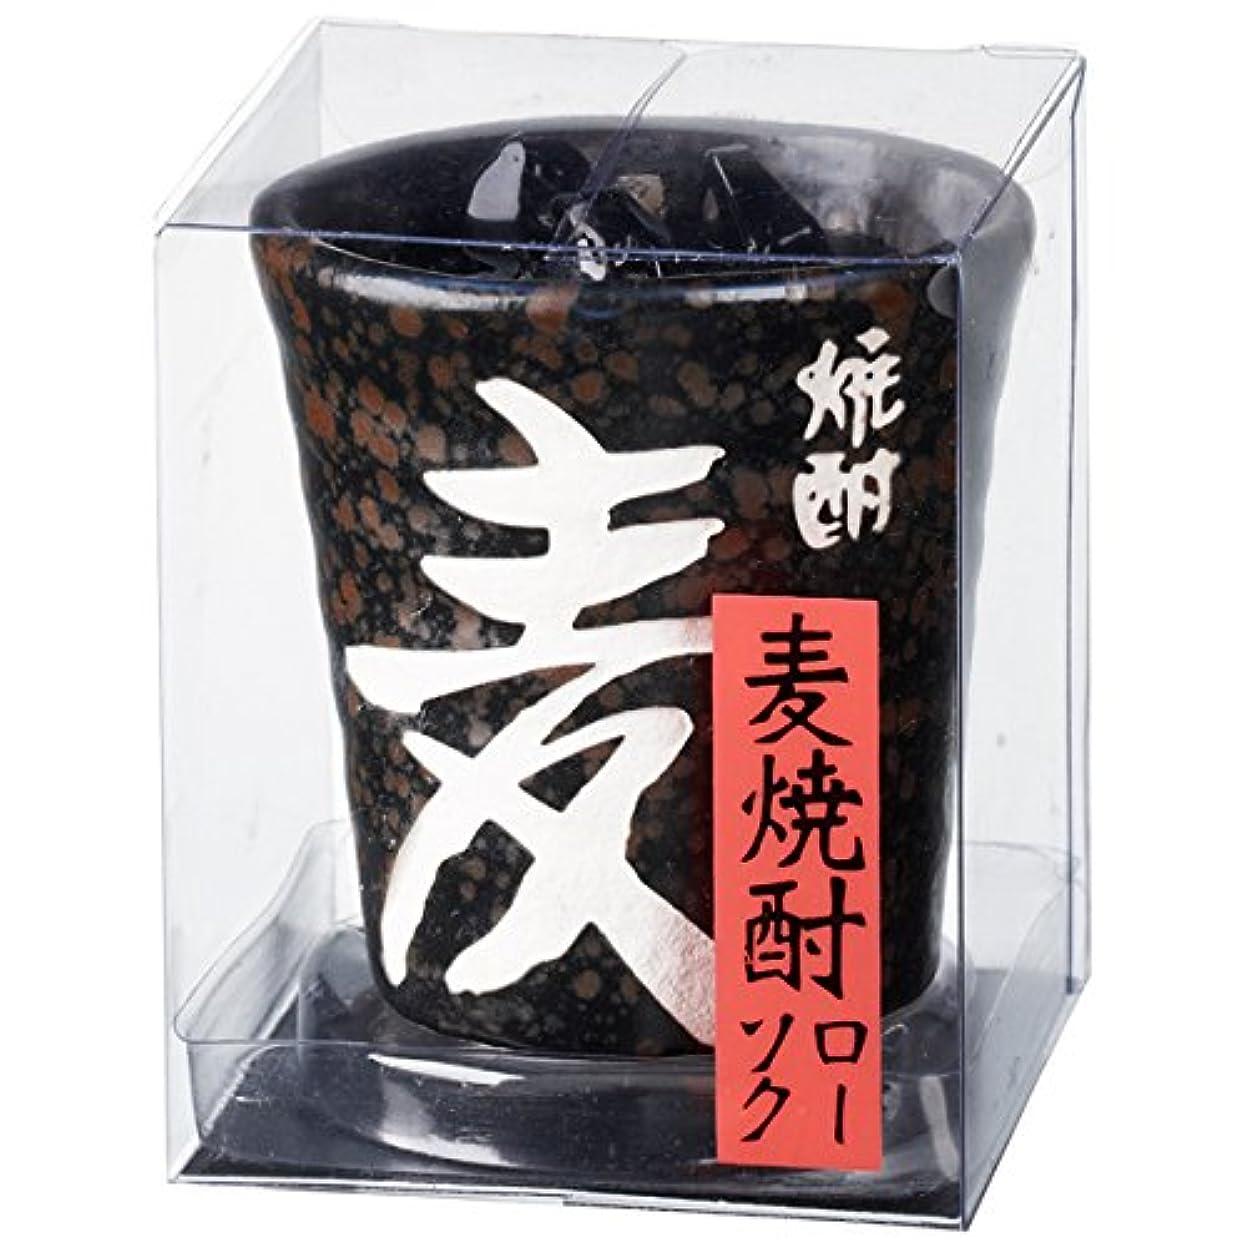 プレビスサイト茎ダブル麦焼酎ローソク